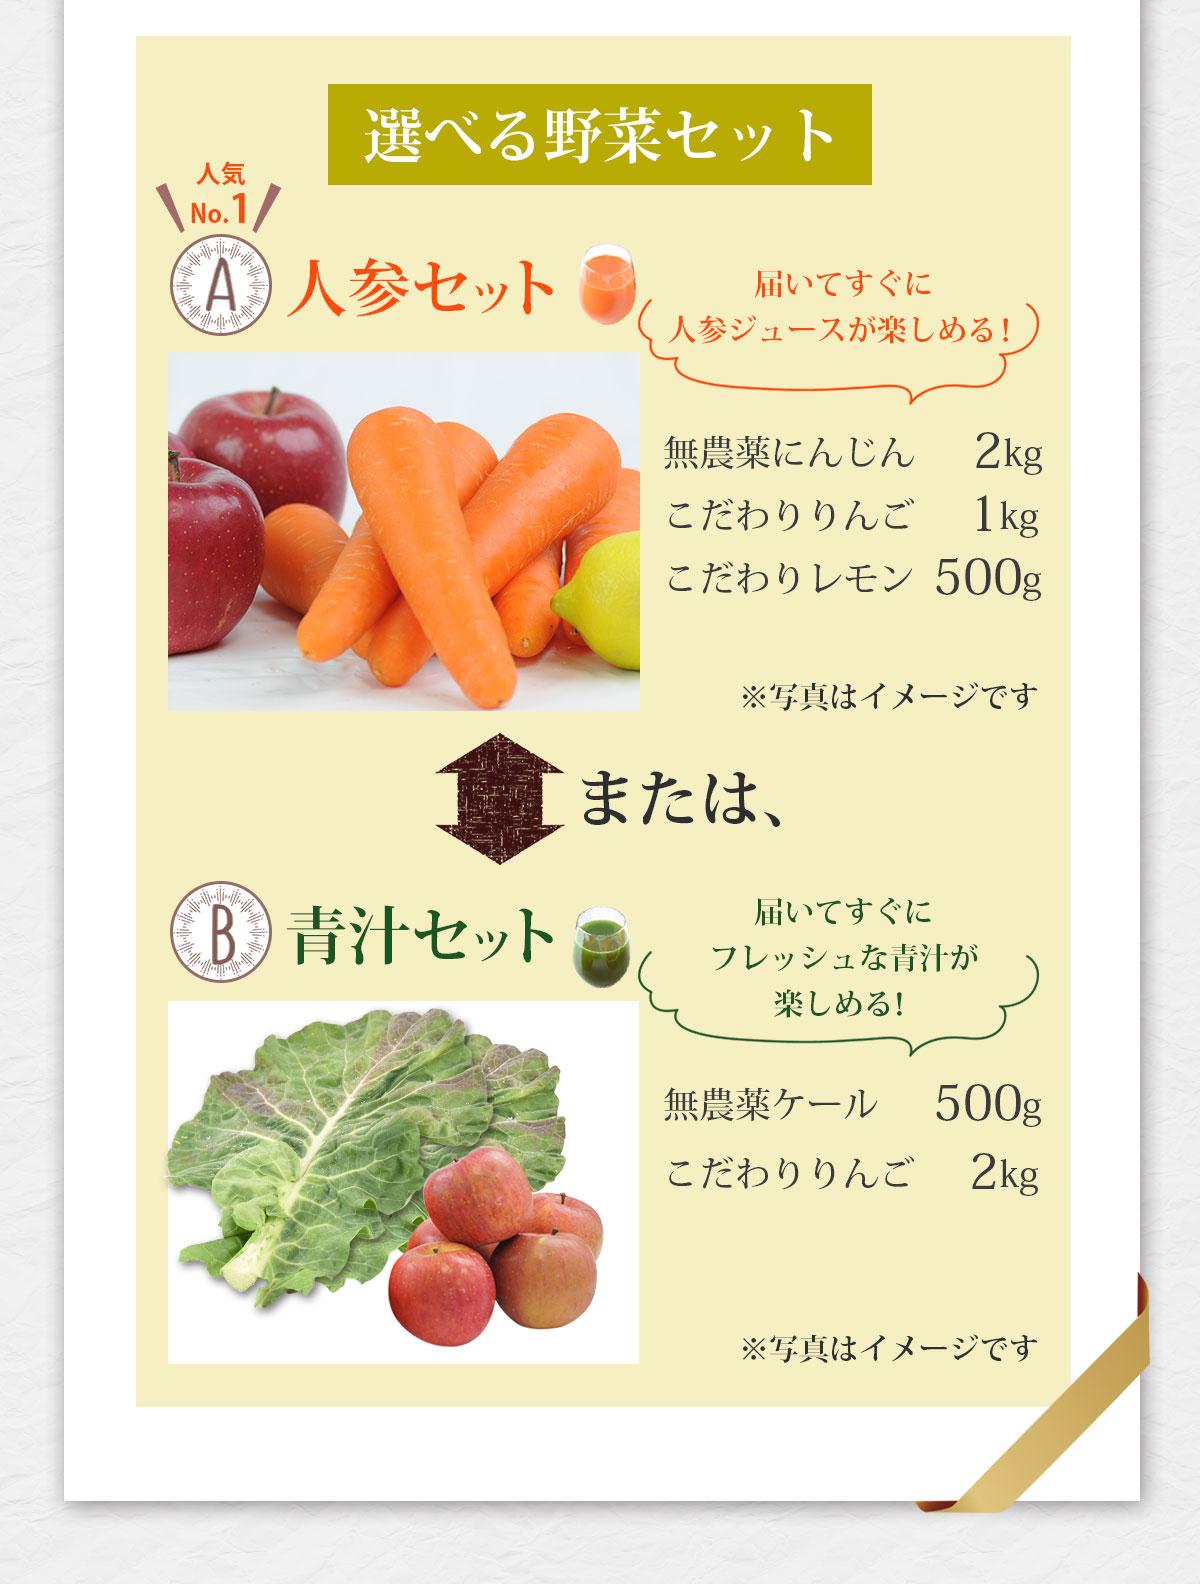 ピカイチ野菜くんなら選べる野菜セットプレゼント